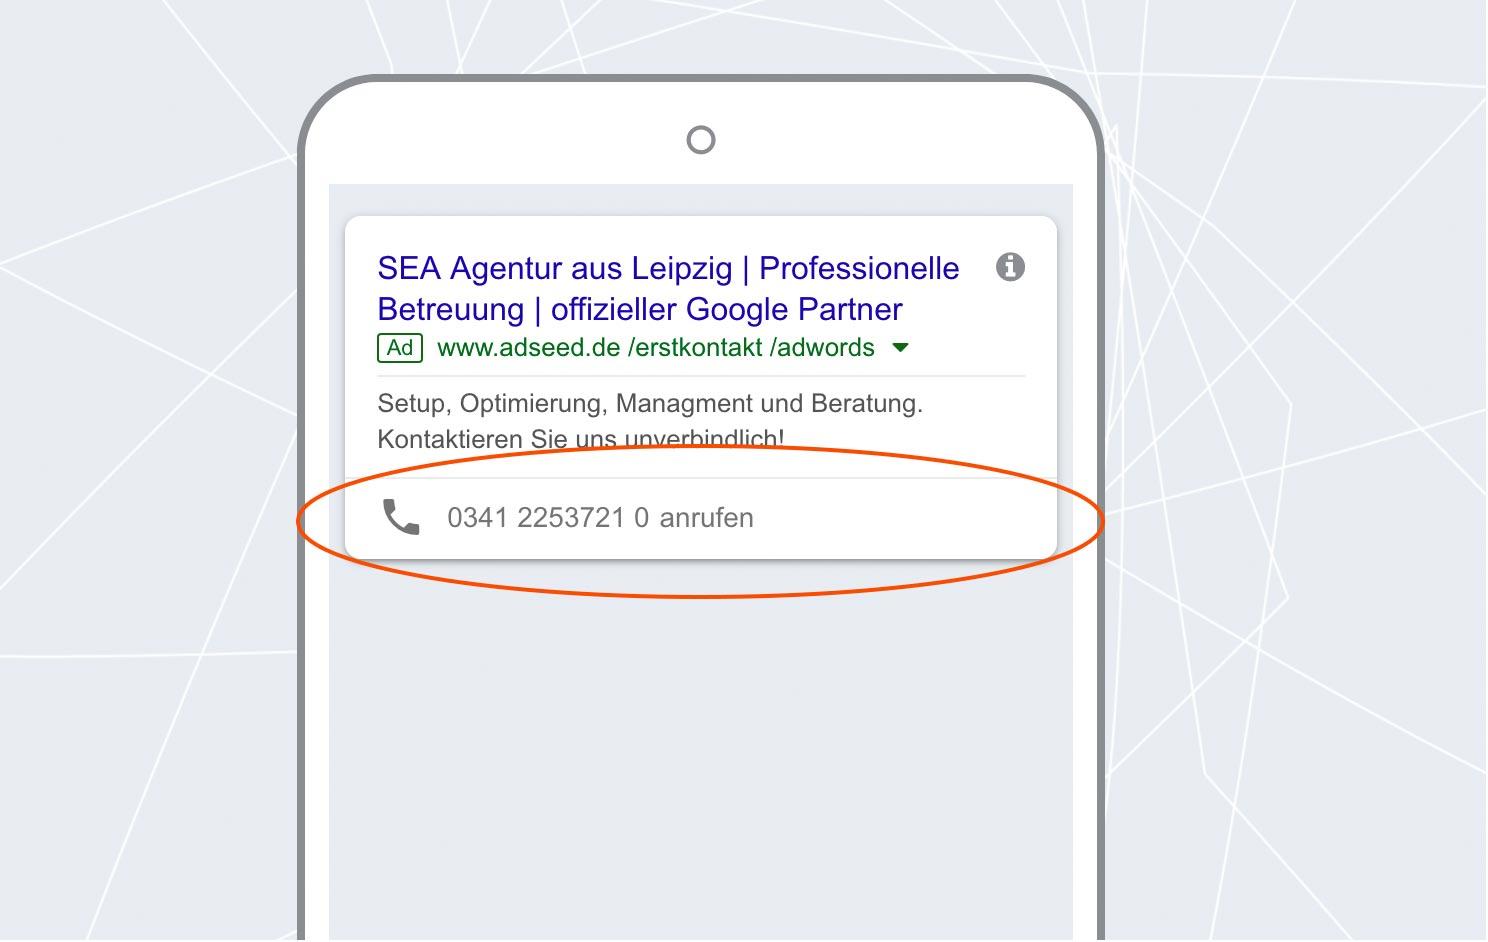 adseed - Google Ads Anzeige Anruferweiterung Mobil